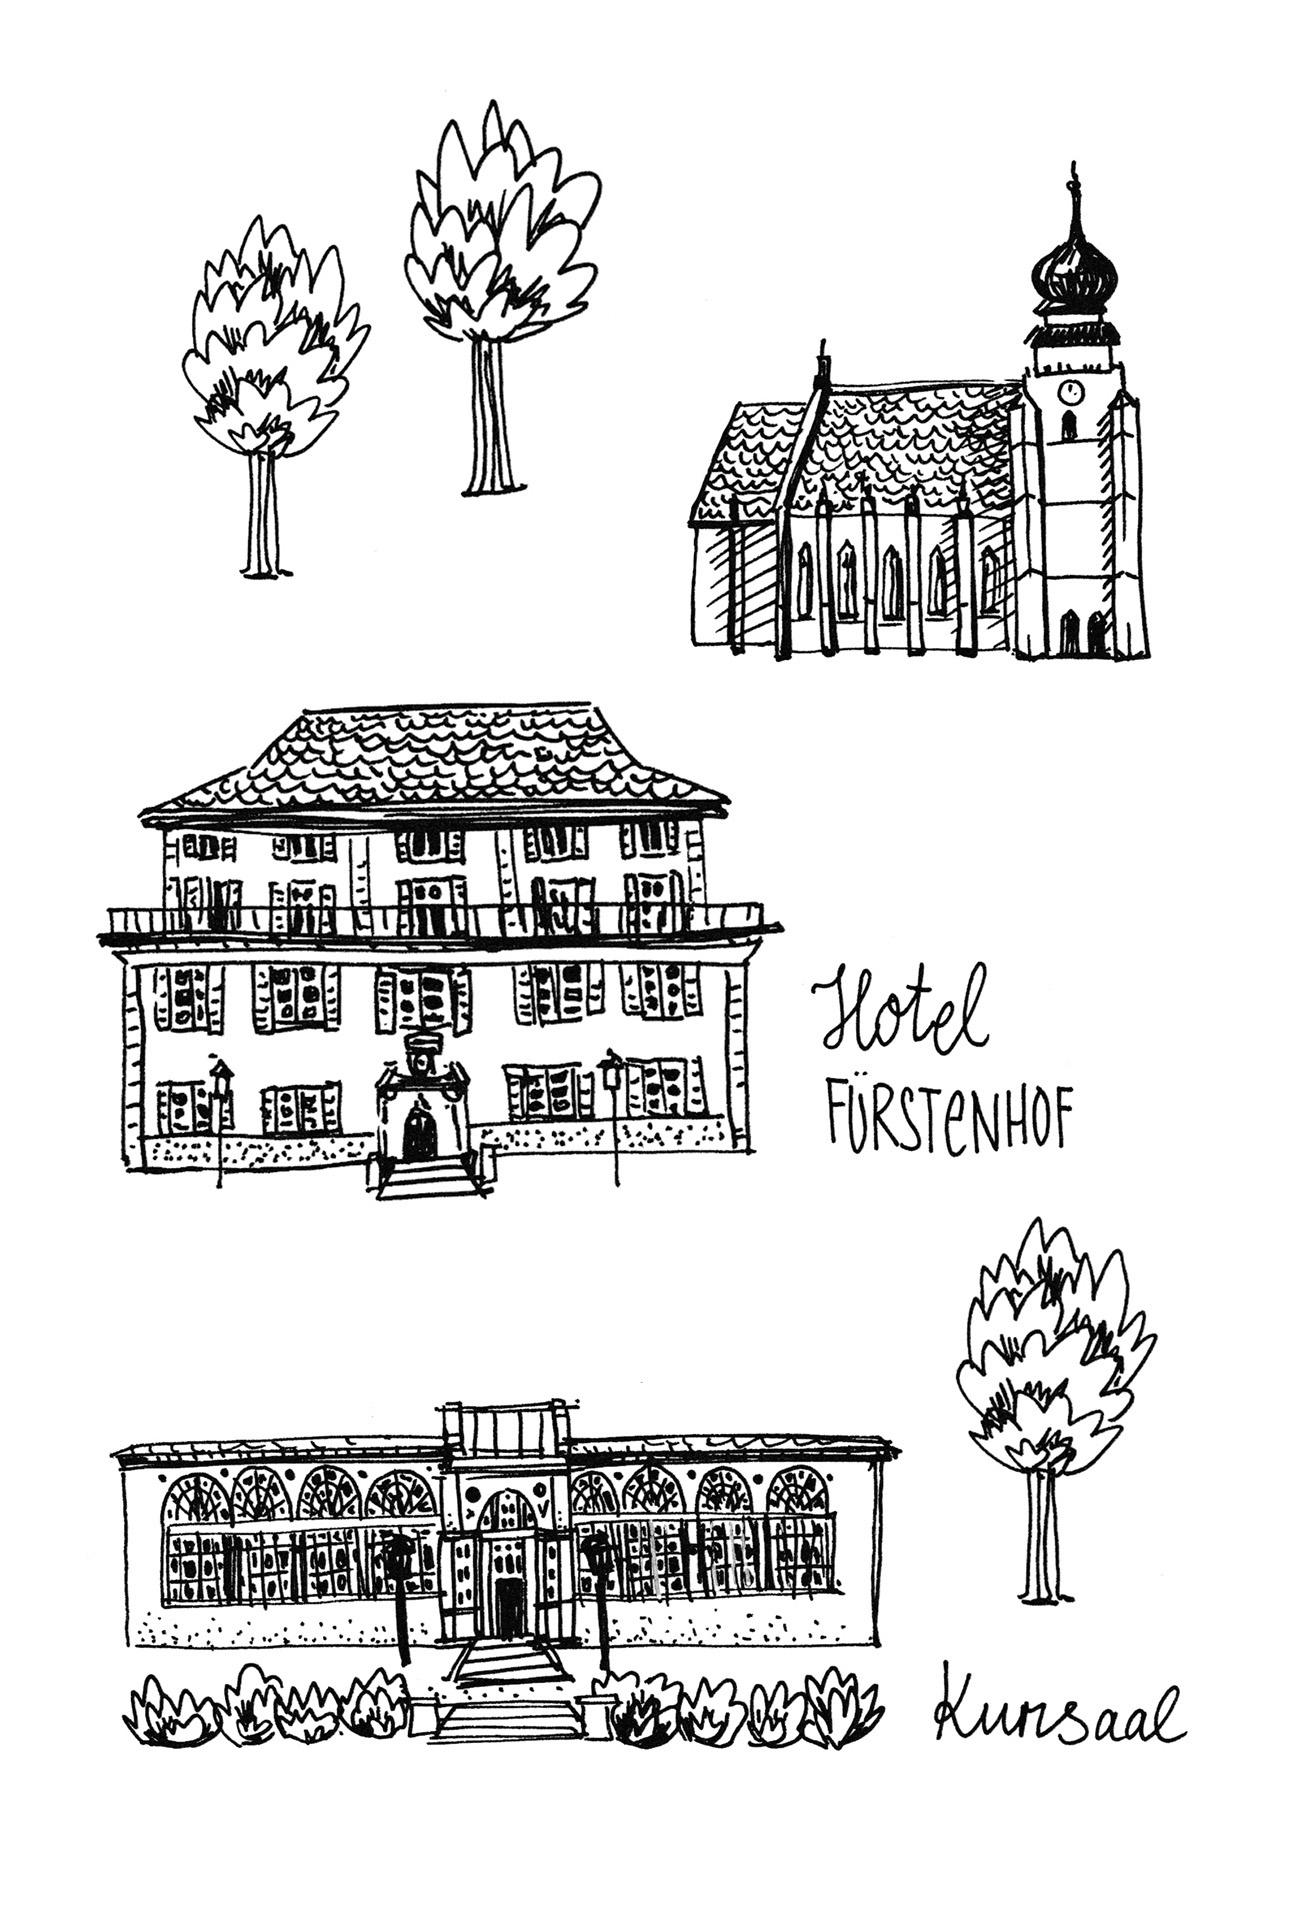 Einzelen handgezeichnete Illustrationen von Gebäuden und Natur für illustrierte Karte. Marina Schilling.